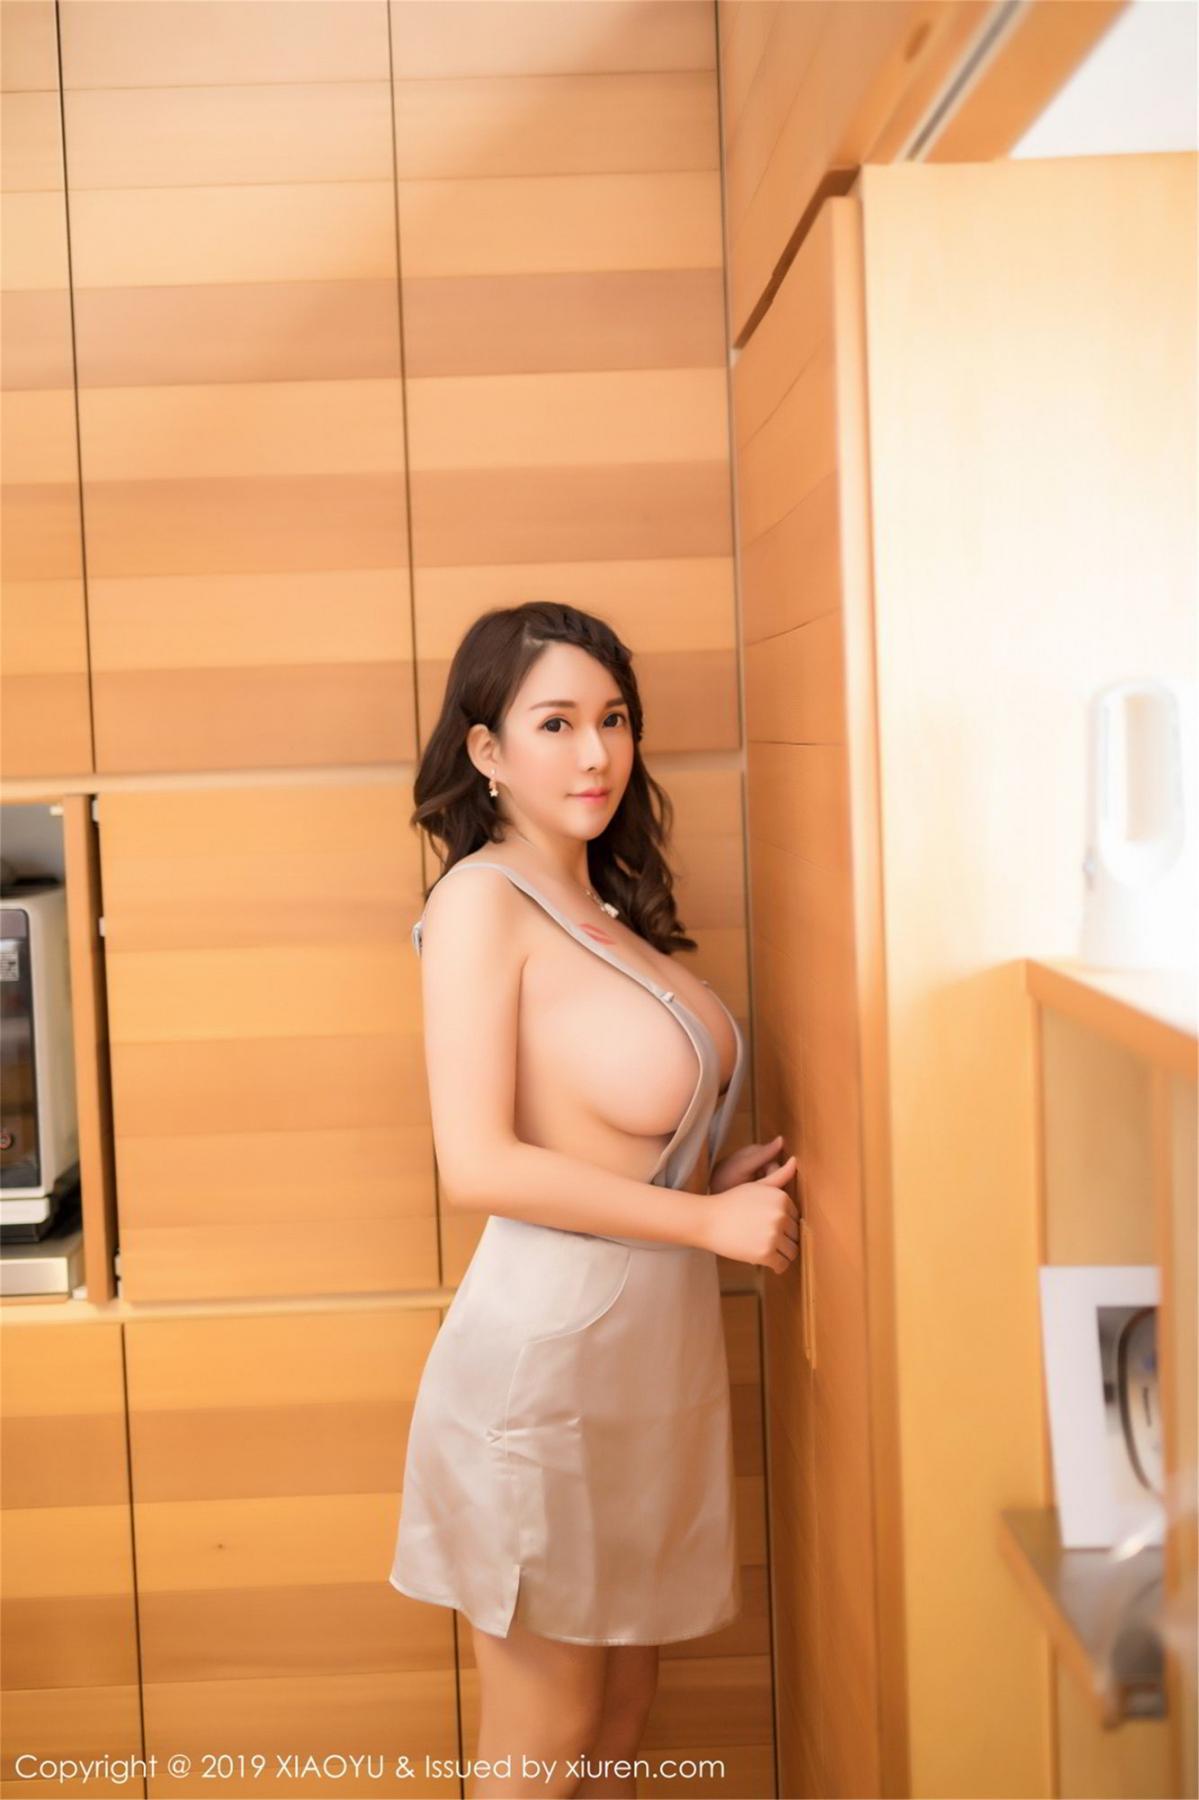 [XiaoYu] Vol.080 Shen Mi Tao 9P, Shen Mi Tao, XiaoYu